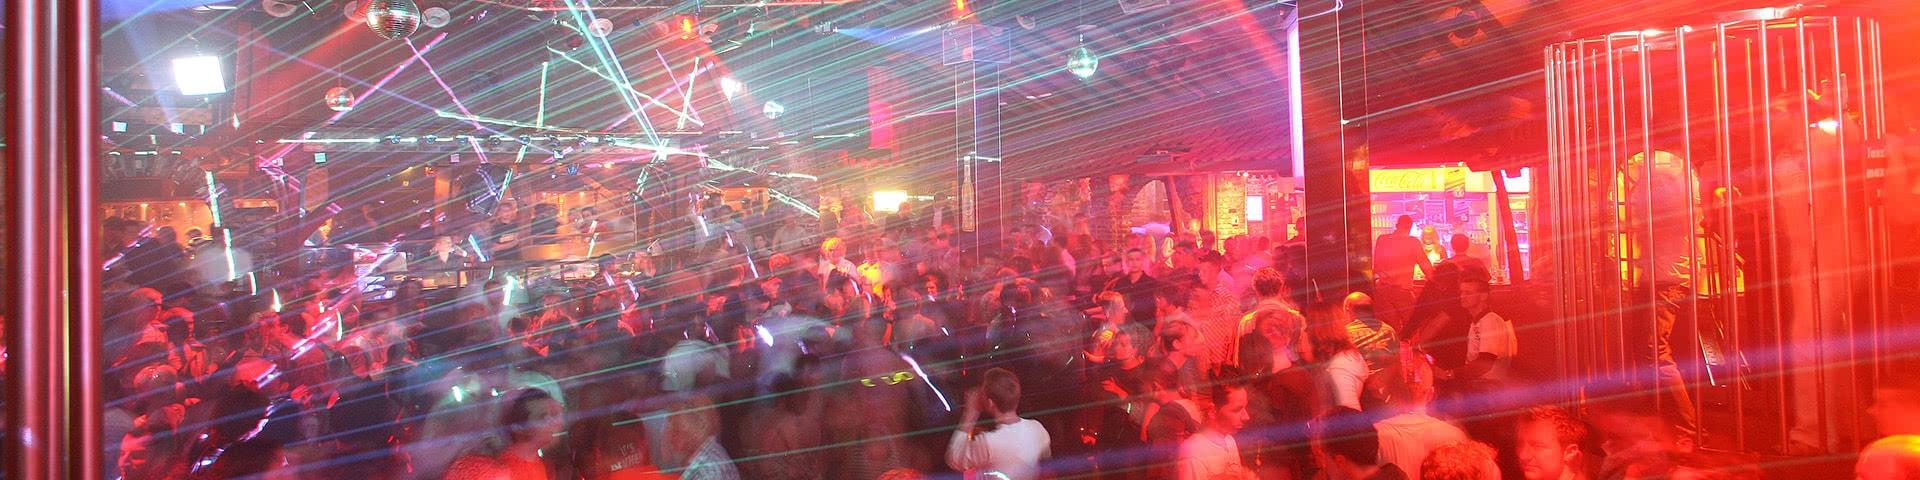 Party in der Skala im Dorf Münsterland